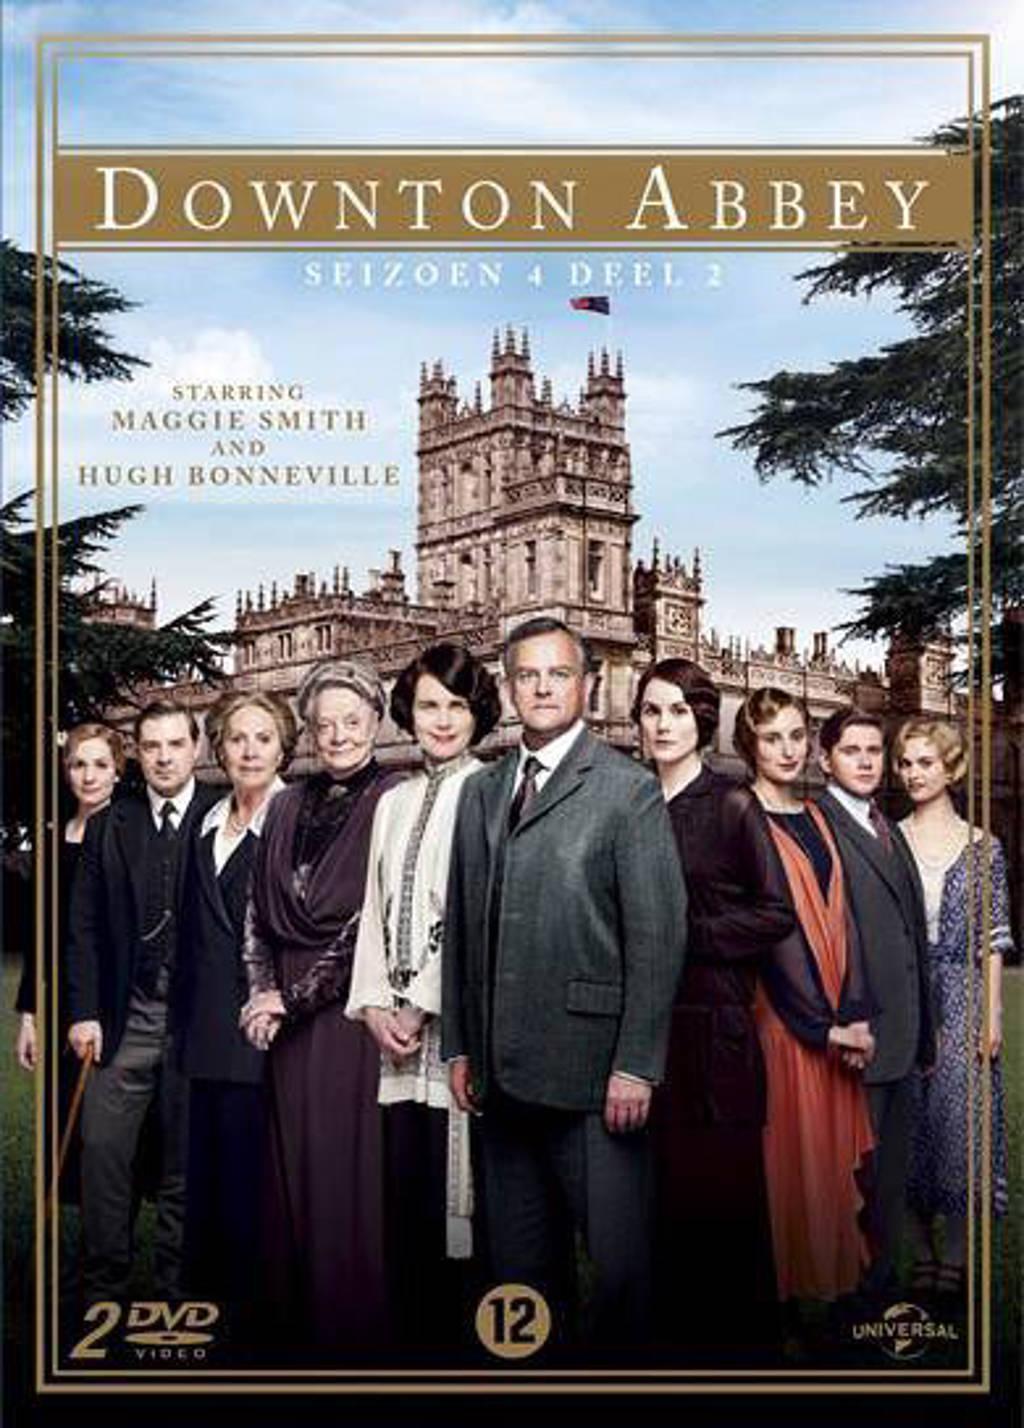 Downton abbey - Seizoen 4 deel 2 (DVD)